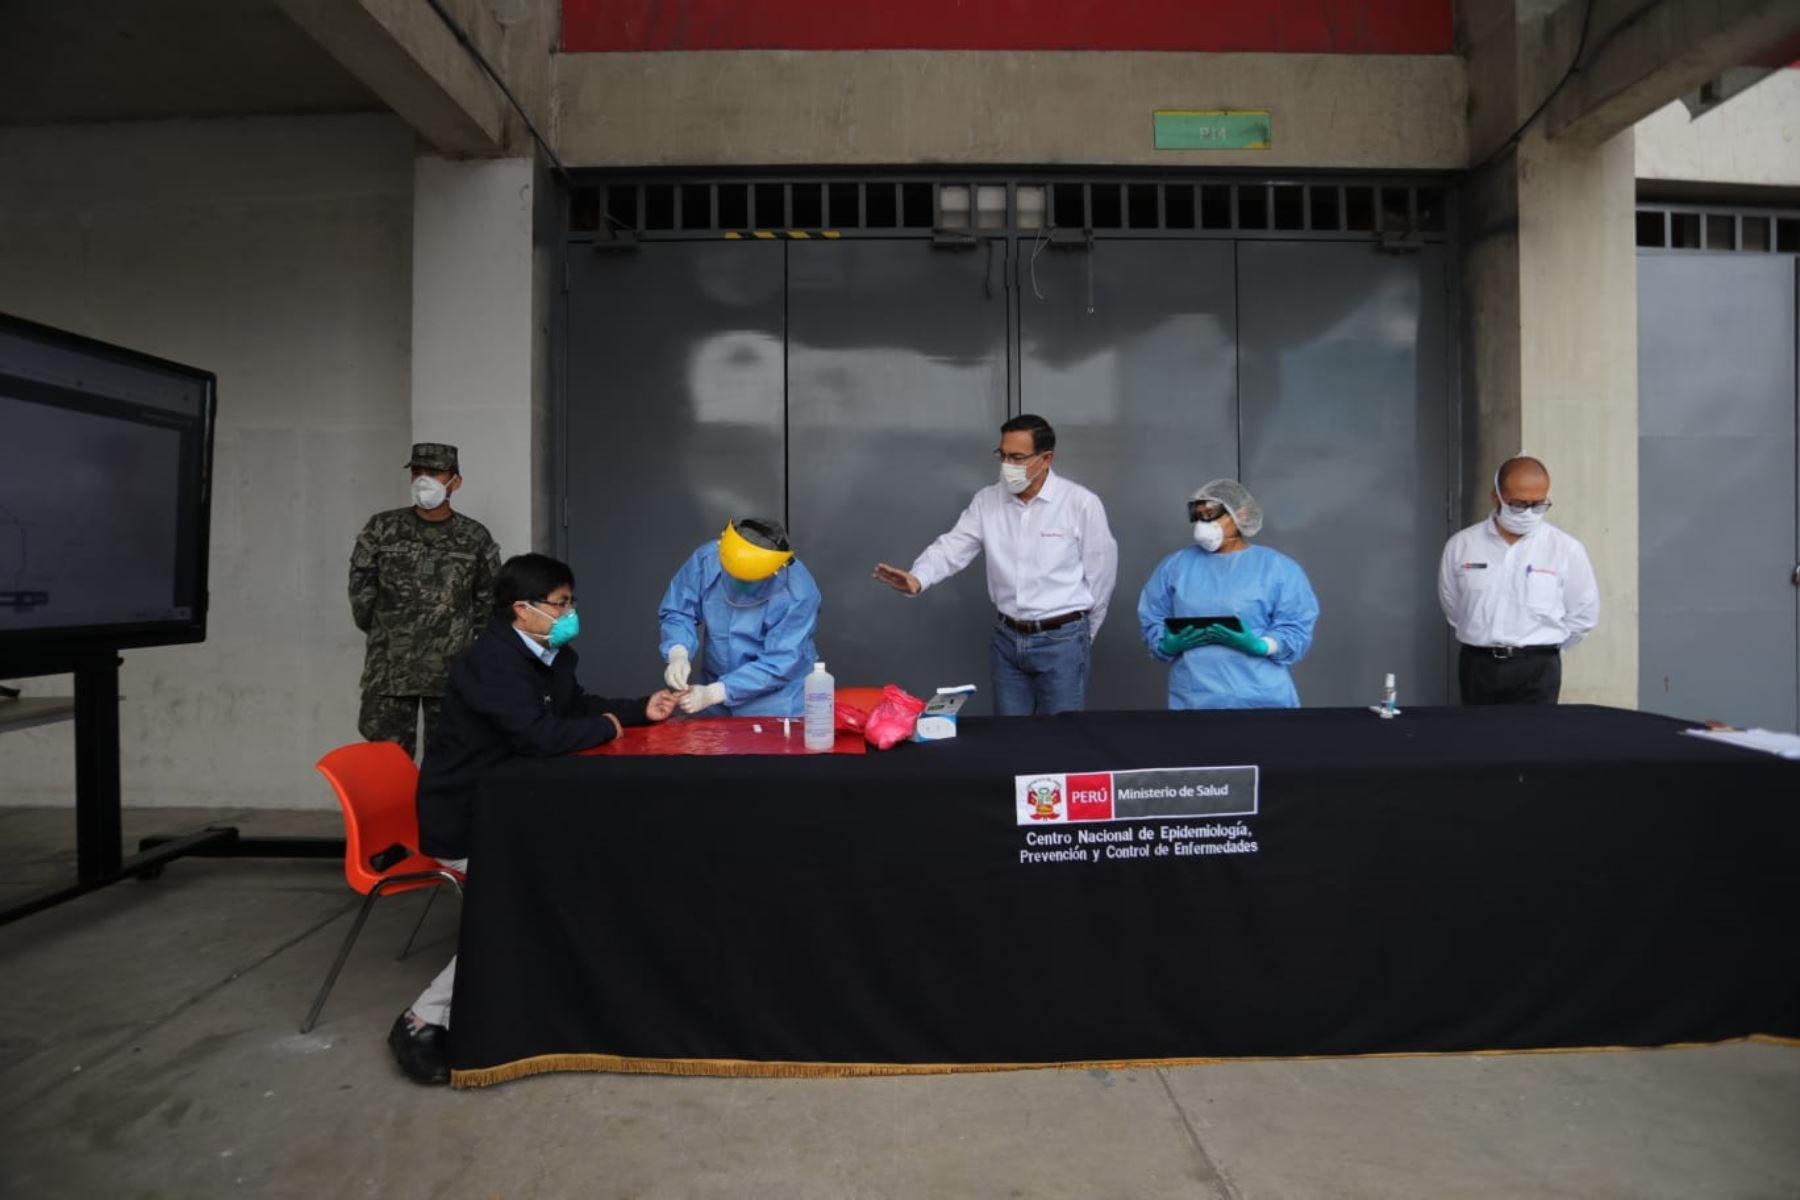 Presidente Martín Vizcarra supervisa central de Respuesta Rápidas para la detección del coronavirus en Estadio Nacional. Foto: ANDINA/Prensa Presidencia